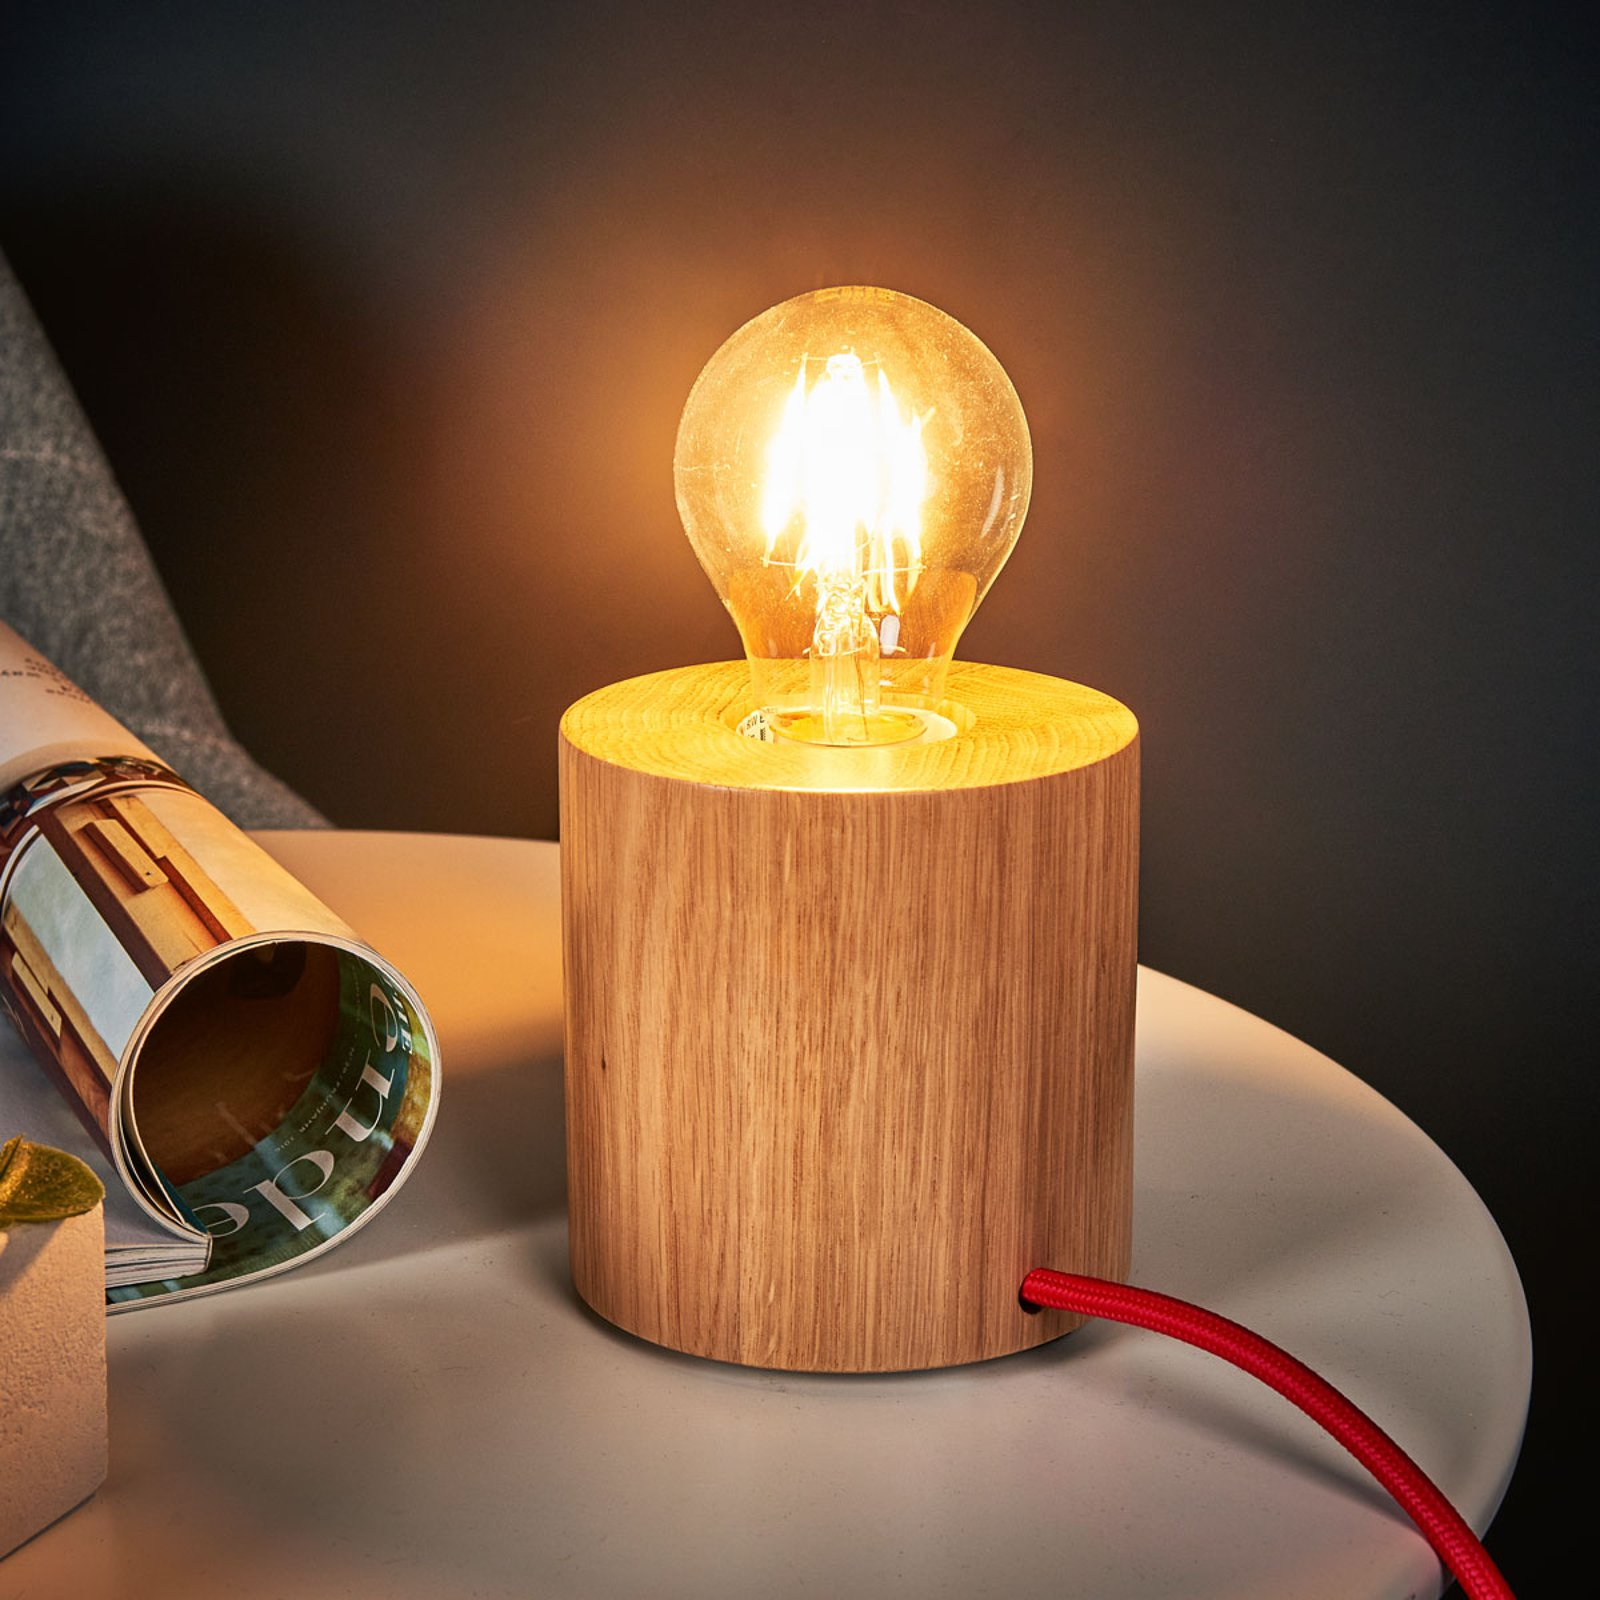 Bordlampe i tre Trongo med minimalistisk design